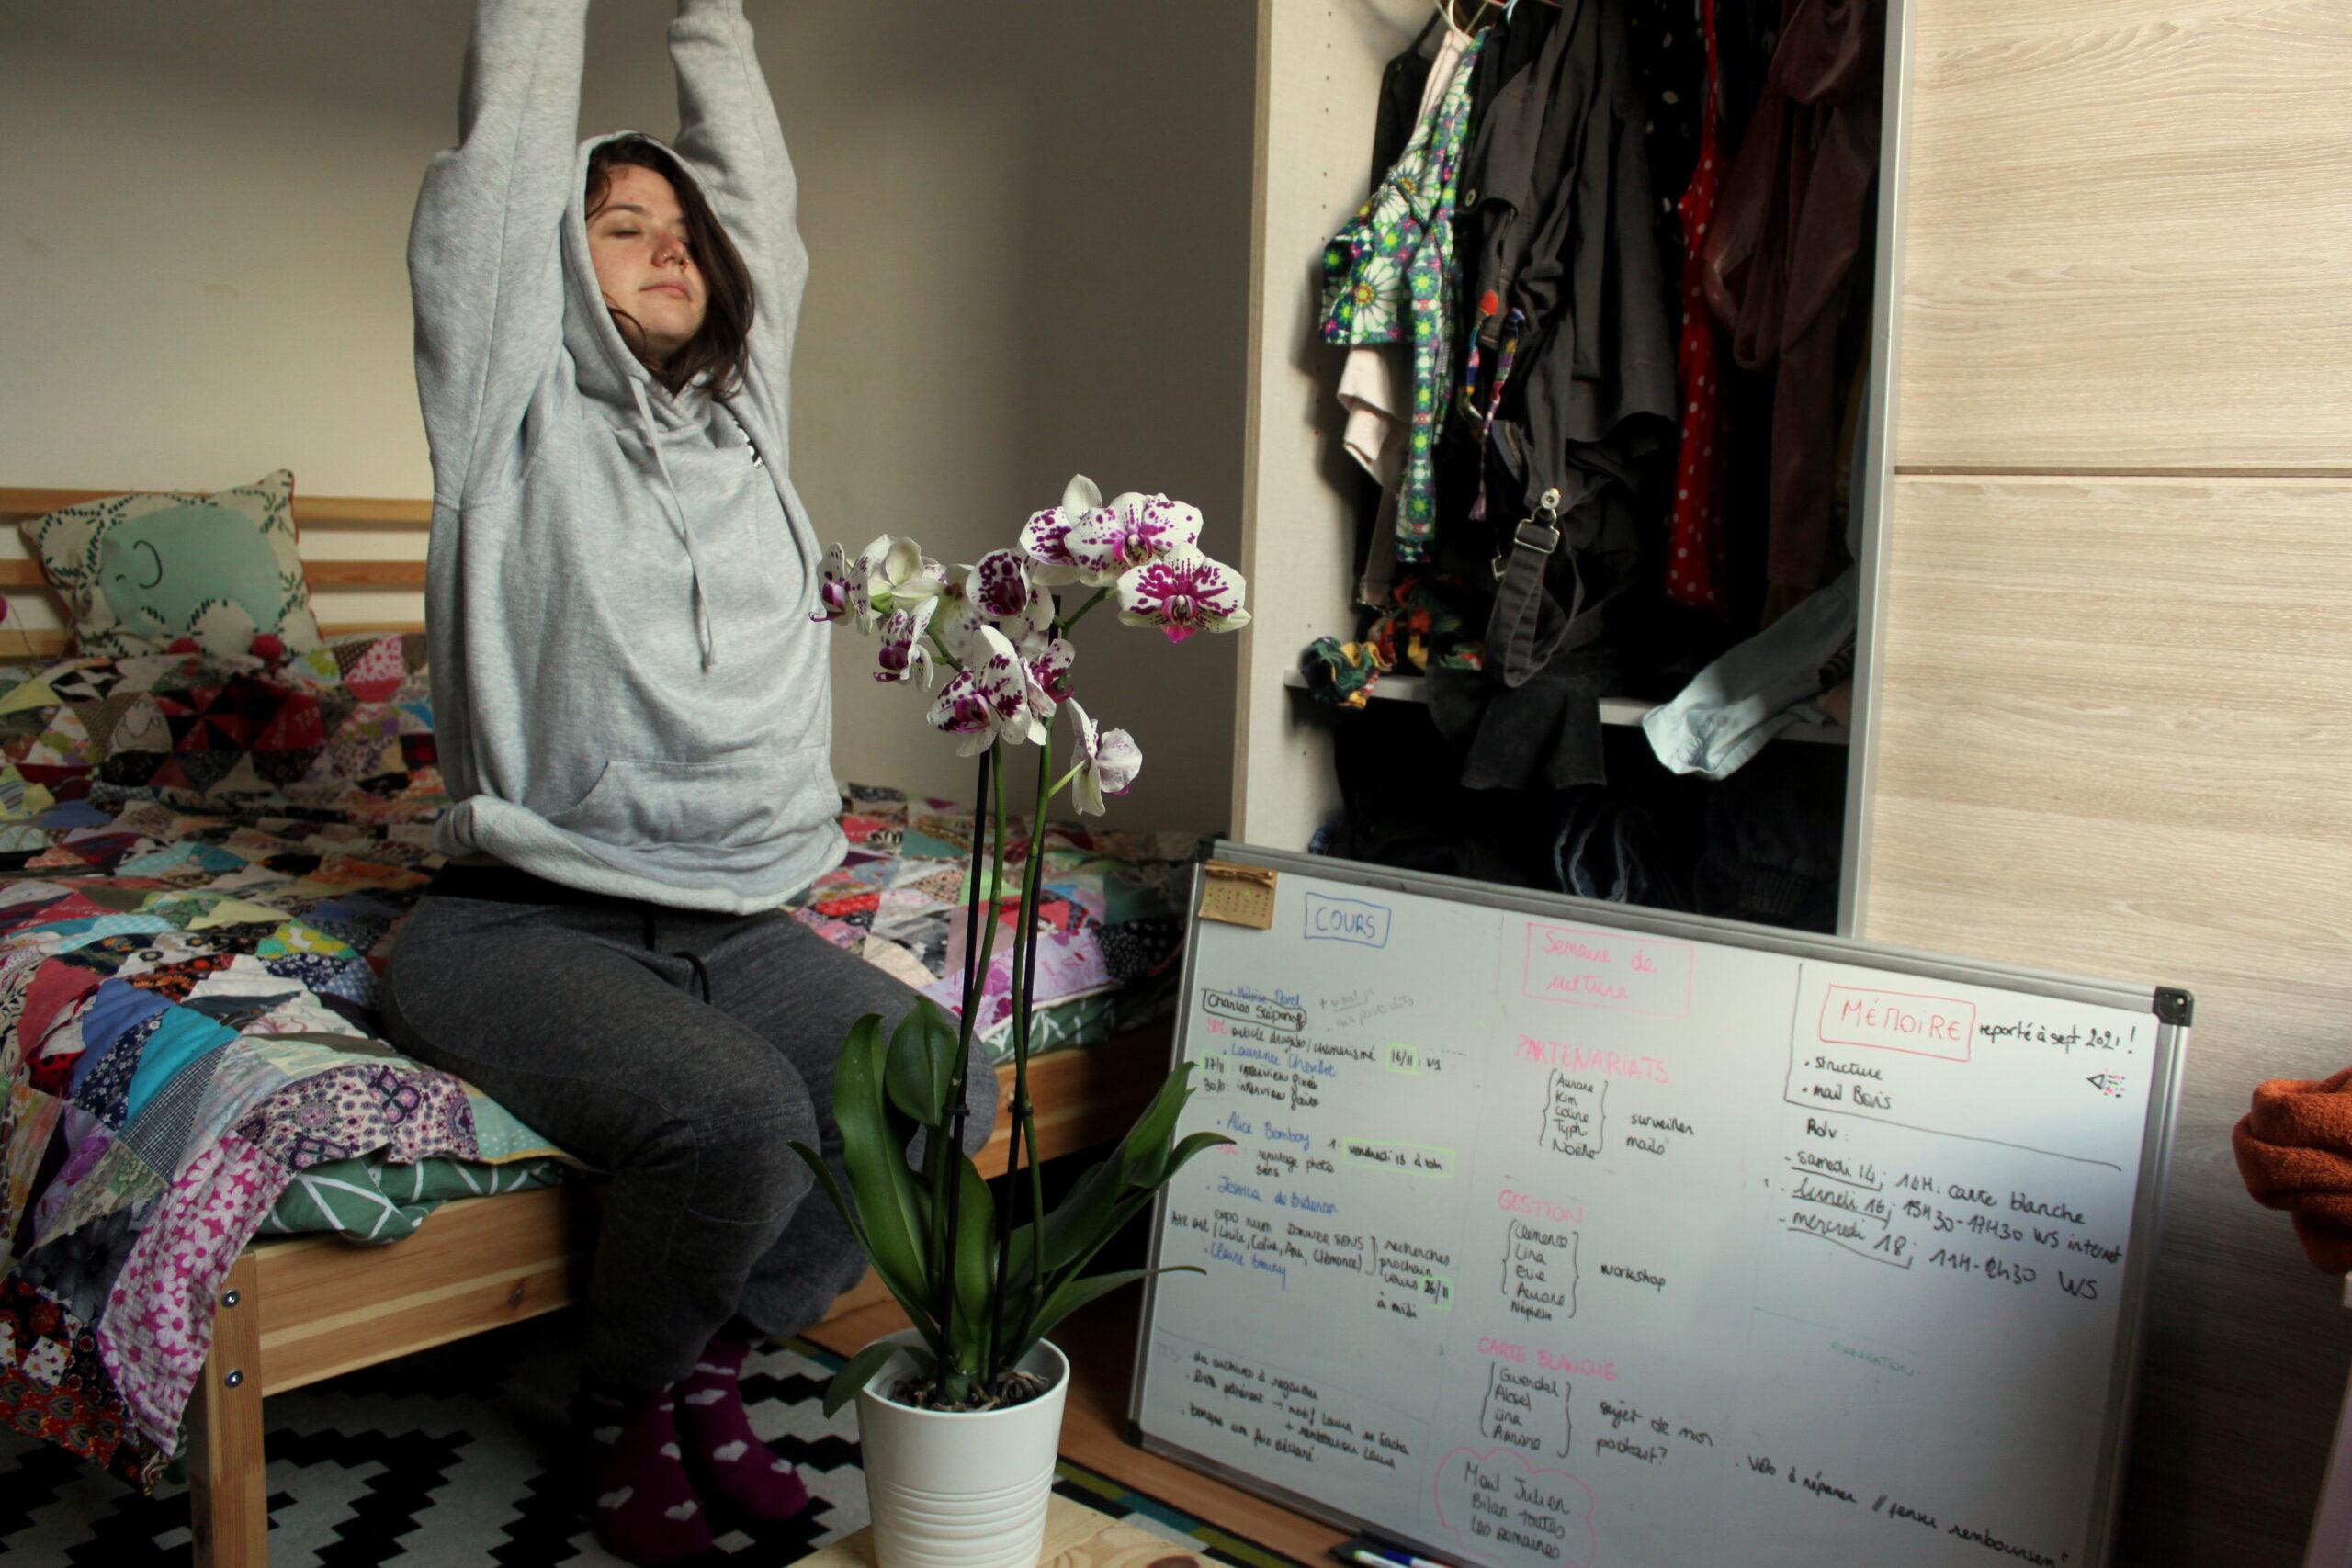 Nina est assise sur son lit elle s'étire. À côté d'elle, il y a un tableau avec toutes ses listes de choses à faire pour l'université. Au milieu de la pièce il y a une orchidée.